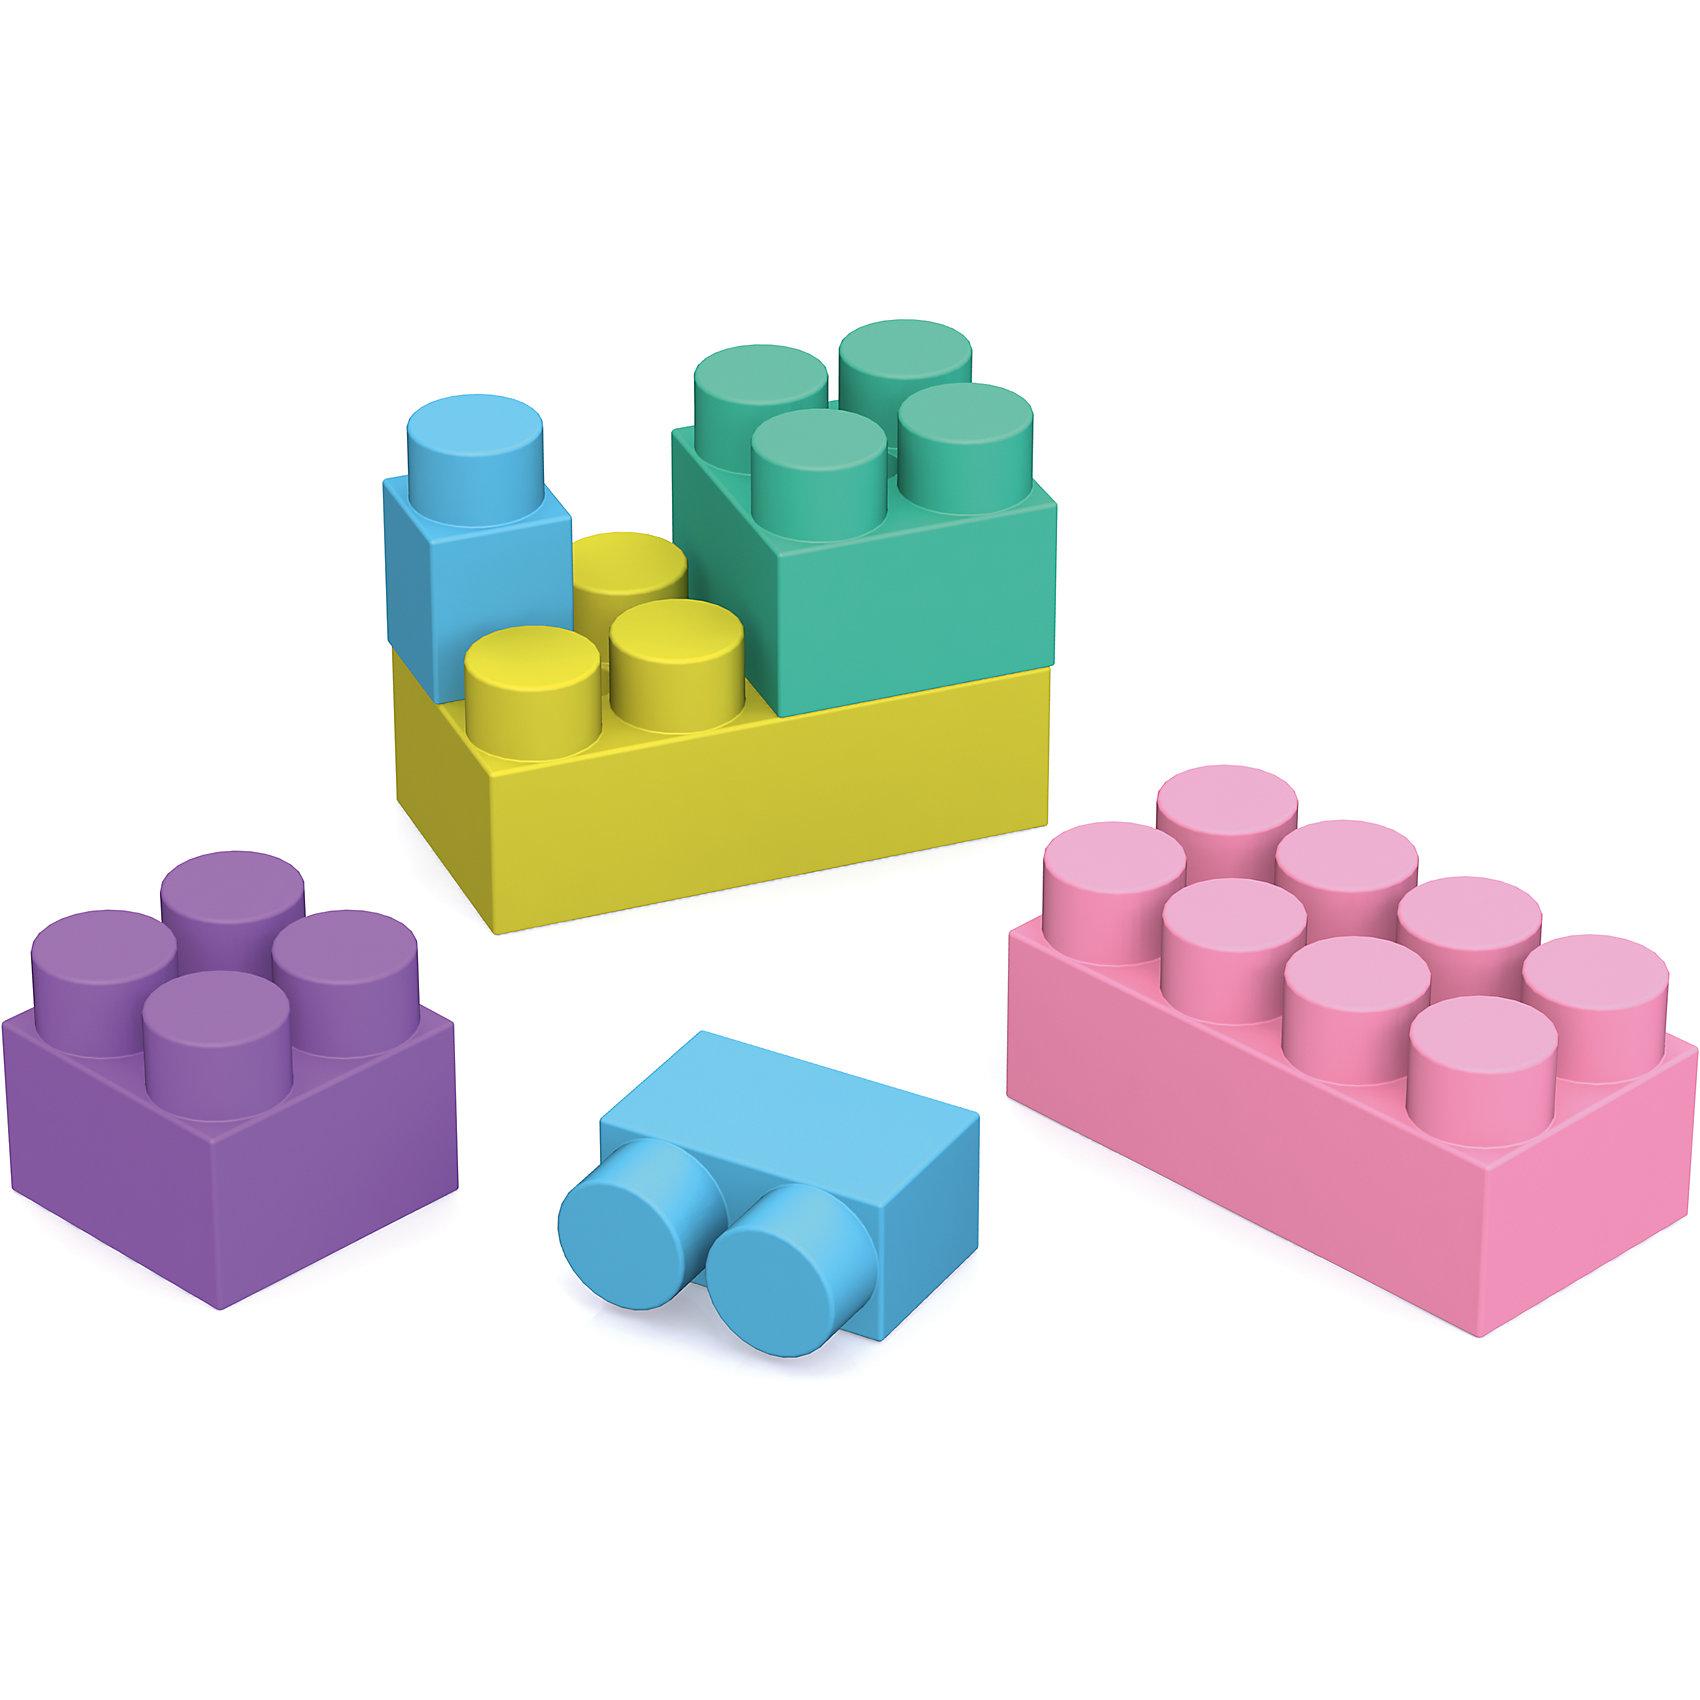 Мега конструктор, 50 деталей, ШкодаПластмассовые конструкторы<br>Мега конструктор, 50 деталей, Шкода.<br><br>Характеристики:<br><br>- В комплекте: 50 элементов<br>- Высота кубика: 5,5 см.<br>- Вид конструктора: блочный<br>- Материал: пластмасса<br><br>Мега конструктор, 50 деталей, Шкода обязательно понравится вашему малышу! Элементы конструктора большие, имеют удобные крепления, идеально подходящие для маленьких детских ручек. Детали конструктора окрашены в яркие цвета, из них можно построить что угодно, начиная от высокого здания и заканчивая миниатюрными машинками. Конструирование прекрасно развивает мелкую моторику, цветовосприятие, внимание, фантазию, образное и пространственное мышление. Мега конструктор совместим со всеми сериями конструкторов Шкода.<br><br>Мега конструктор, 50 деталей, Шкода можно купить в нашем интернет-магазине.<br><br>Ширина мм: 200<br>Глубина мм: 225<br>Высота мм: 500<br>Вес г: 1500<br>Возраст от месяцев: 36<br>Возраст до месяцев: 72<br>Пол: Унисекс<br>Возраст: Детский<br>SKU: 4104907